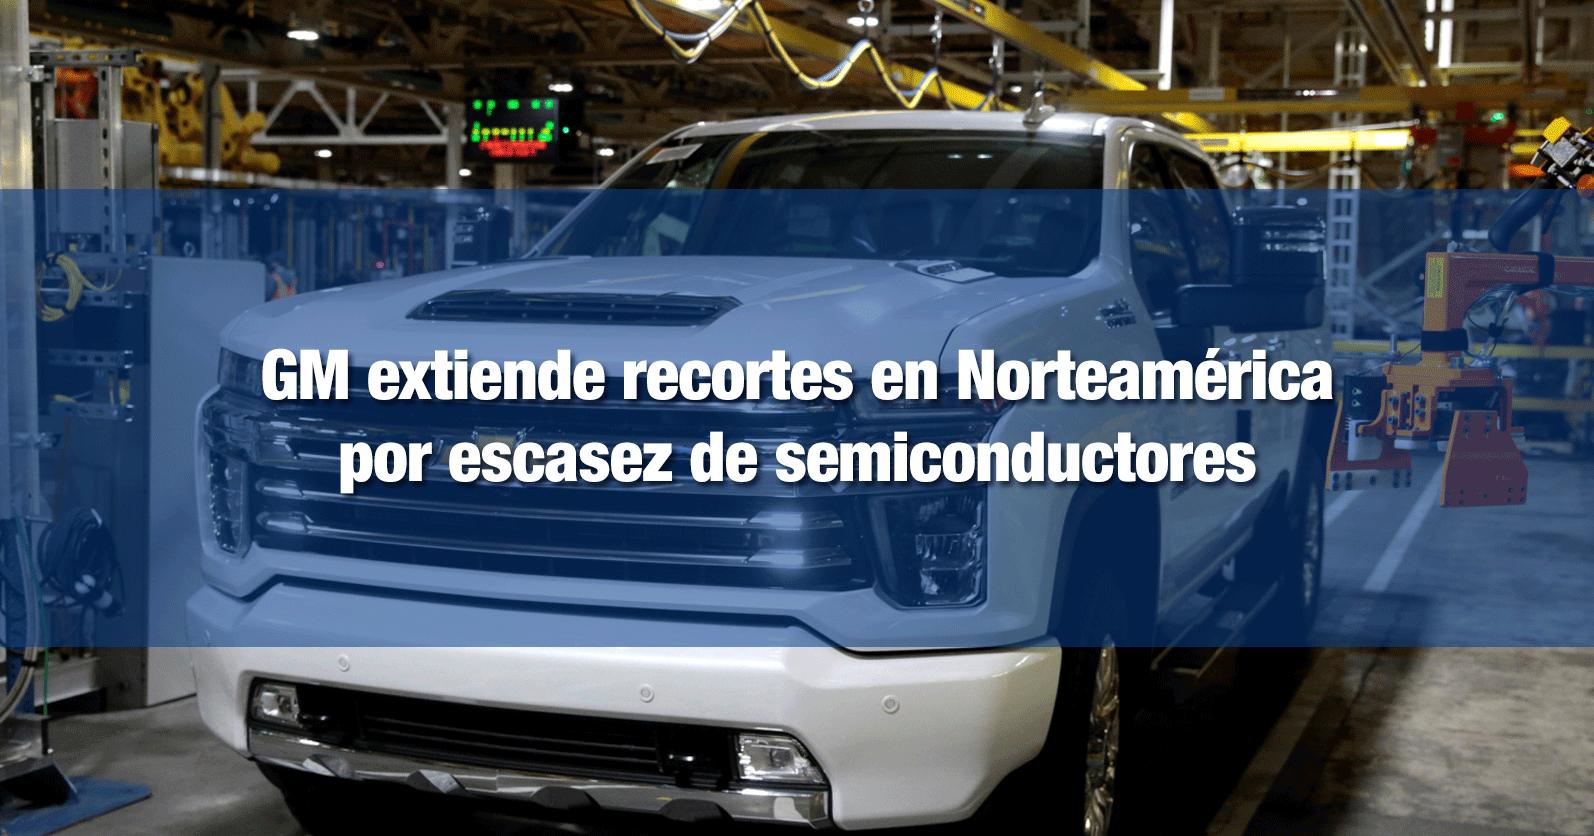 GM extiende recortes en Norteamérica por escasez de semiconductores